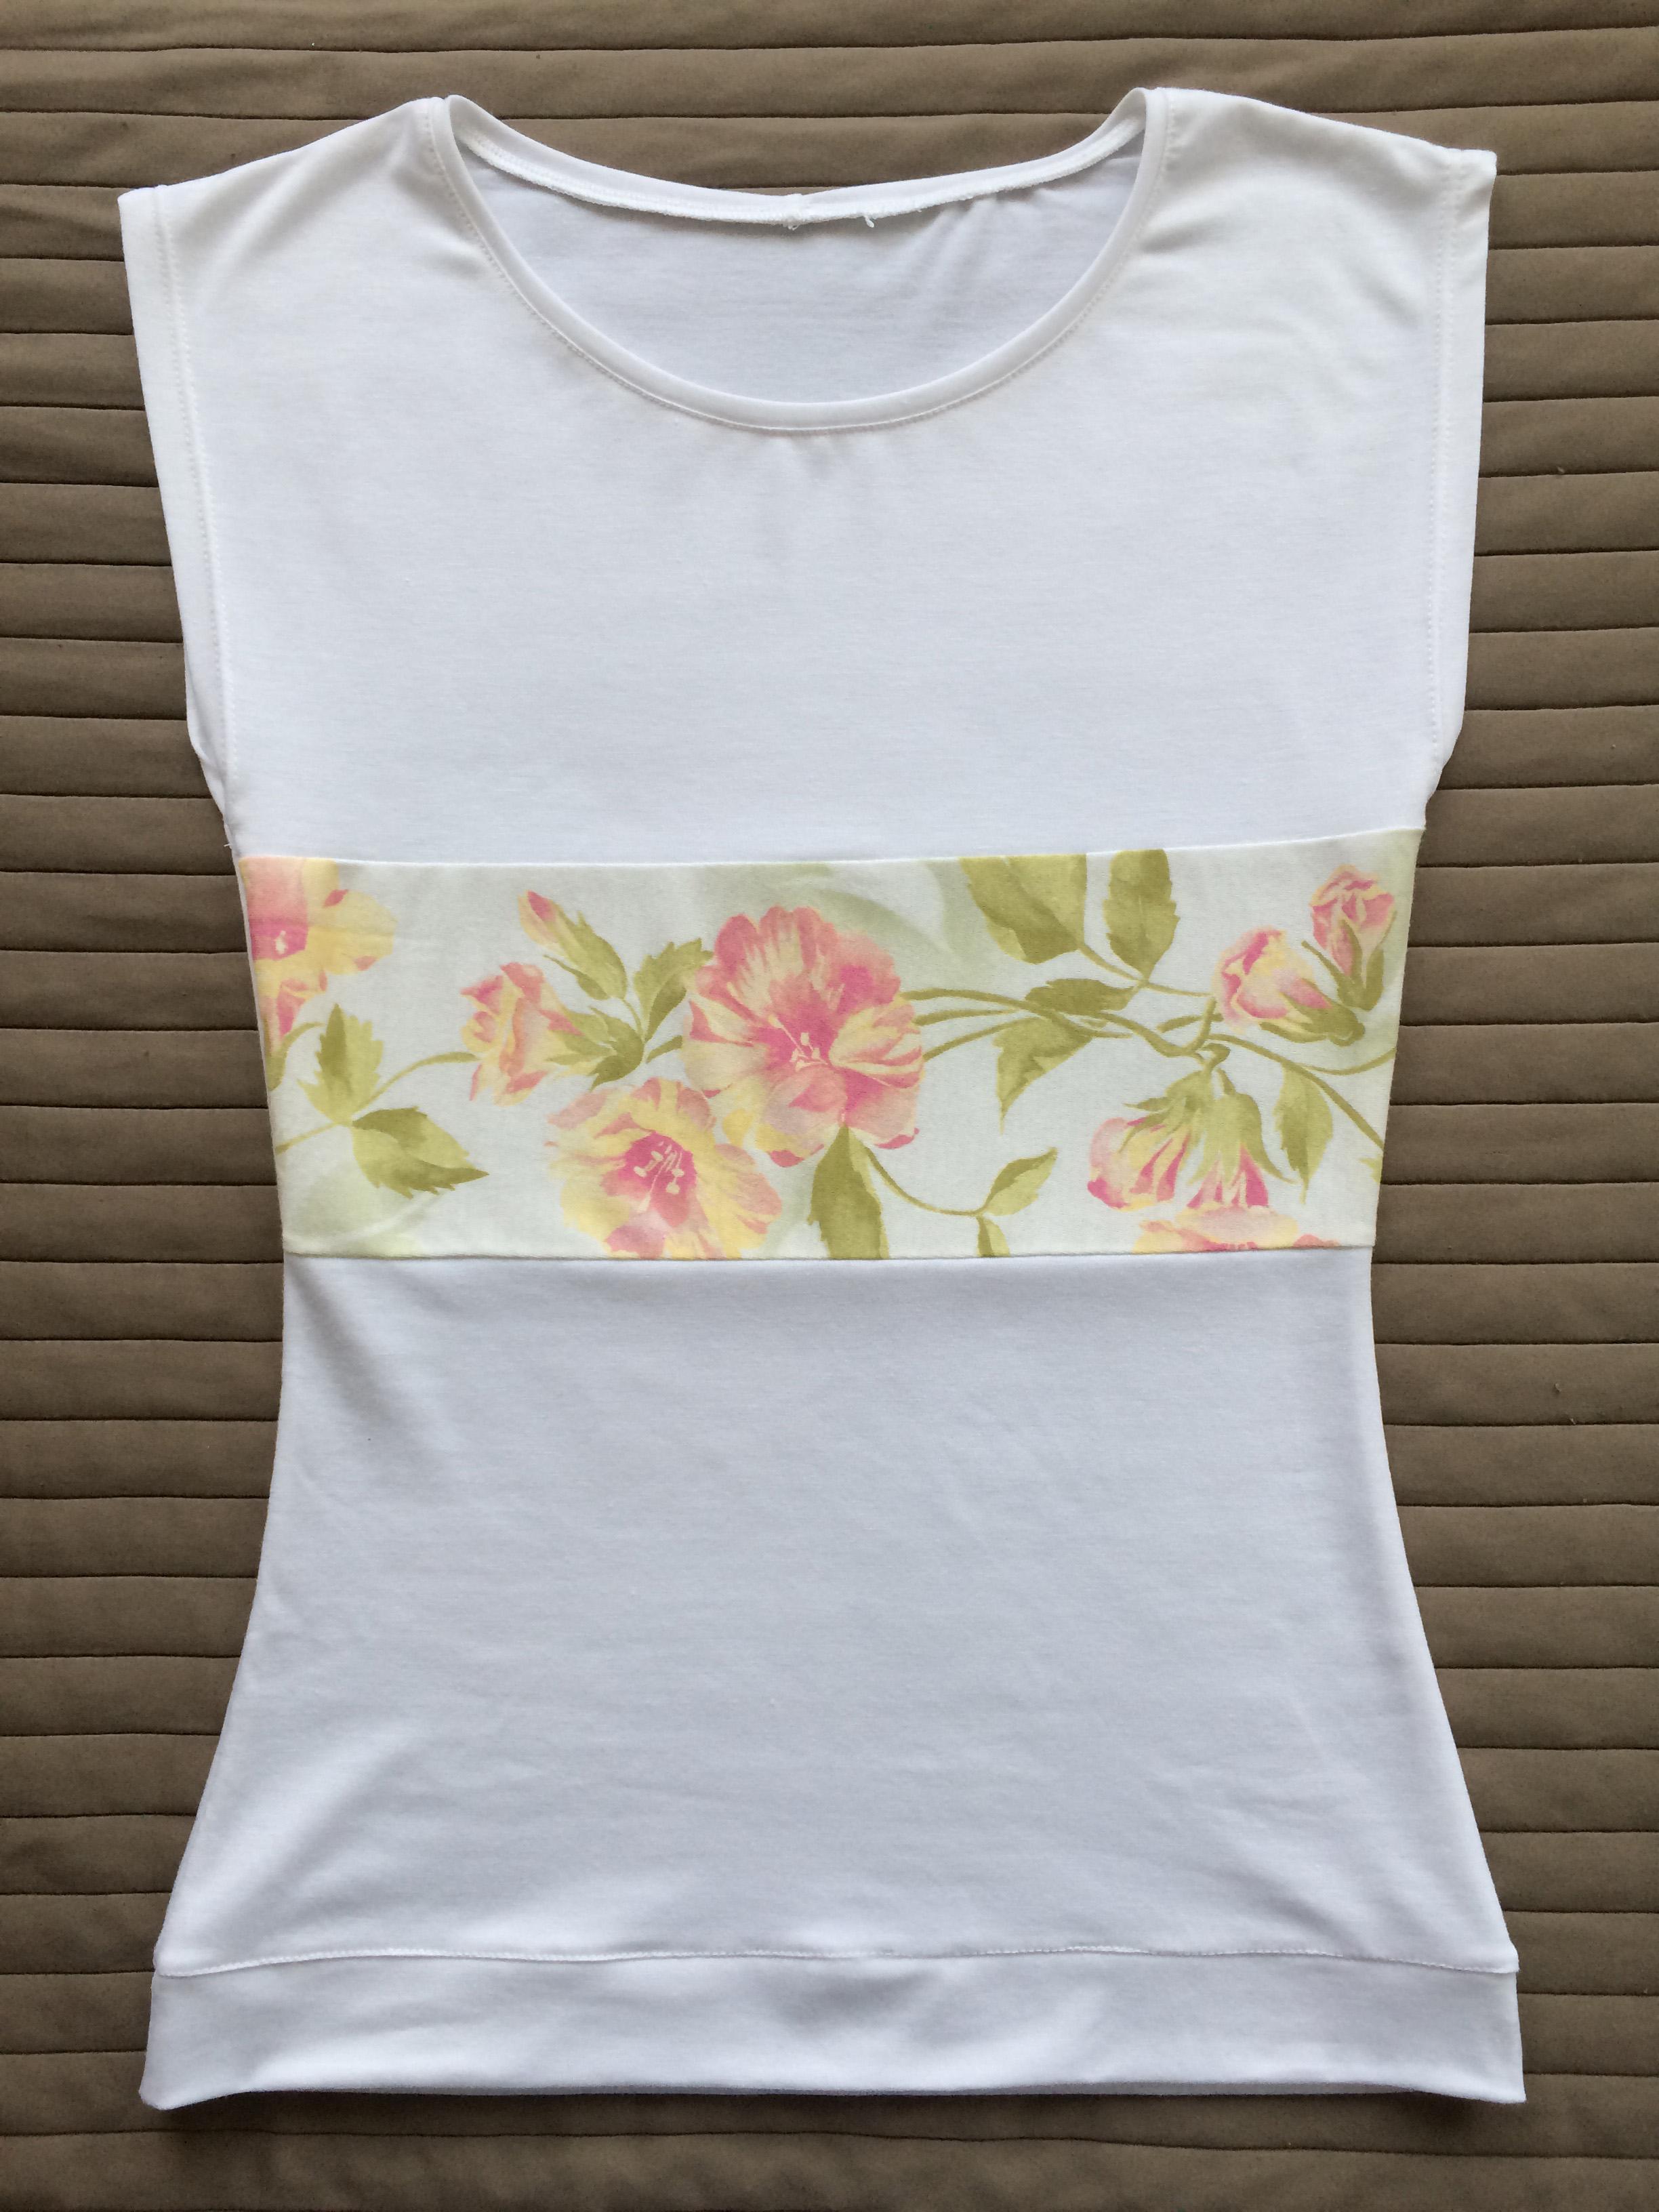 Manapság viszonylag olcsón meg lehet vásárolni az egyszerűbb felsőket  pólókat 860a5b3c55